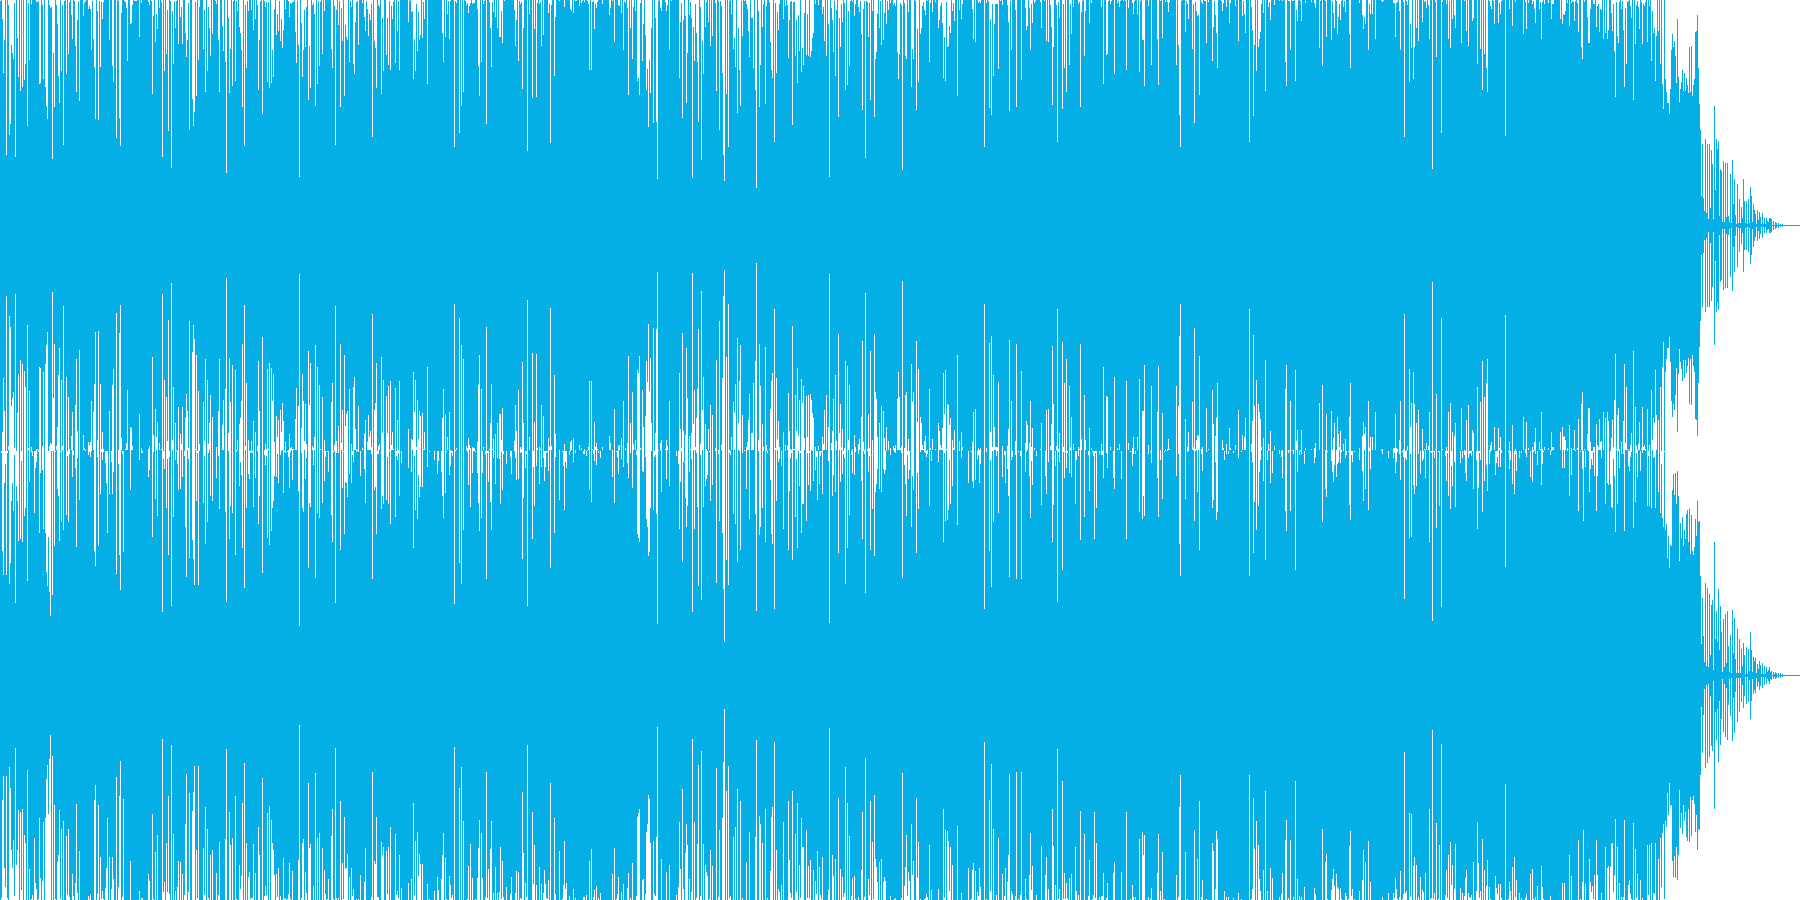 ヒップホップ風のダンスミュージック2の再生済みの波形